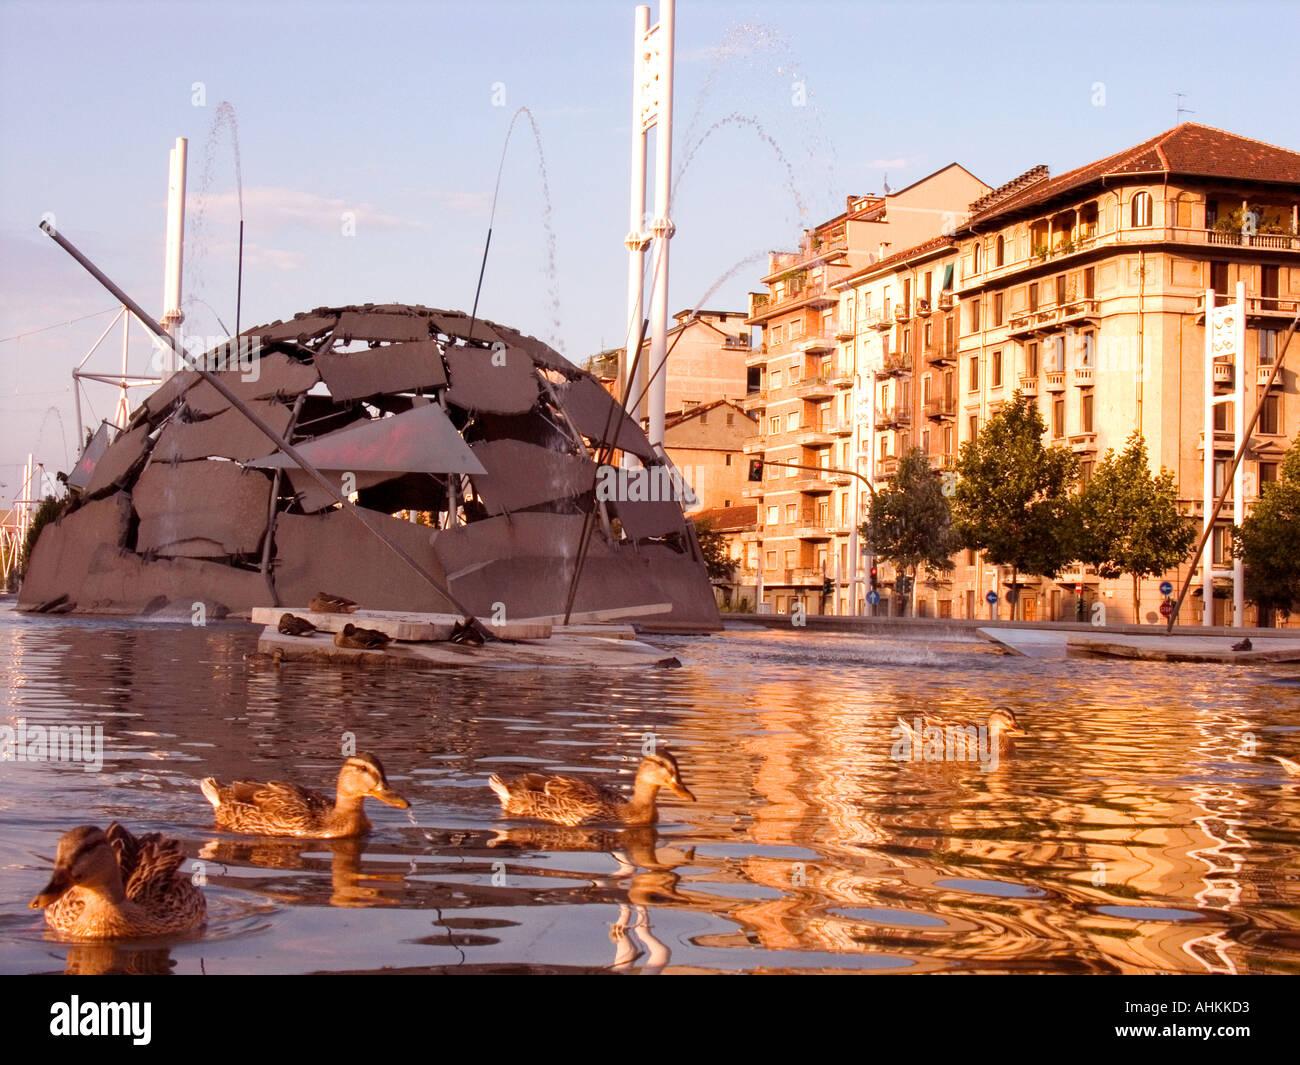 Italia Turín Mertz fuente con patos Foto de stock